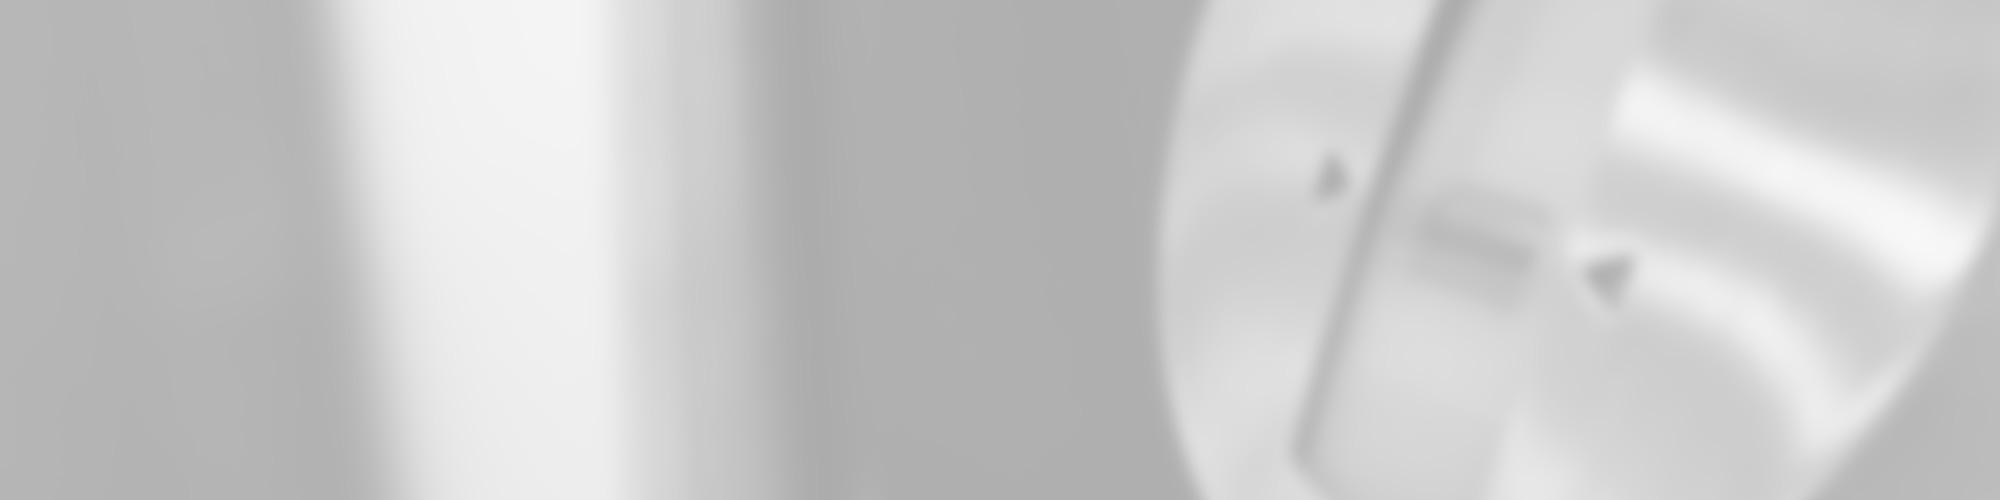 Full Size of Einbruchschutz Fenster Nachrüsten Nachrstung Bauschreinerei Klein Gmbh Folien Für Velux Preise Weihnachtsbeleuchtung Anthrazit Dampfreiniger Rollos Innen Fenster Einbruchschutz Fenster Nachrüsten